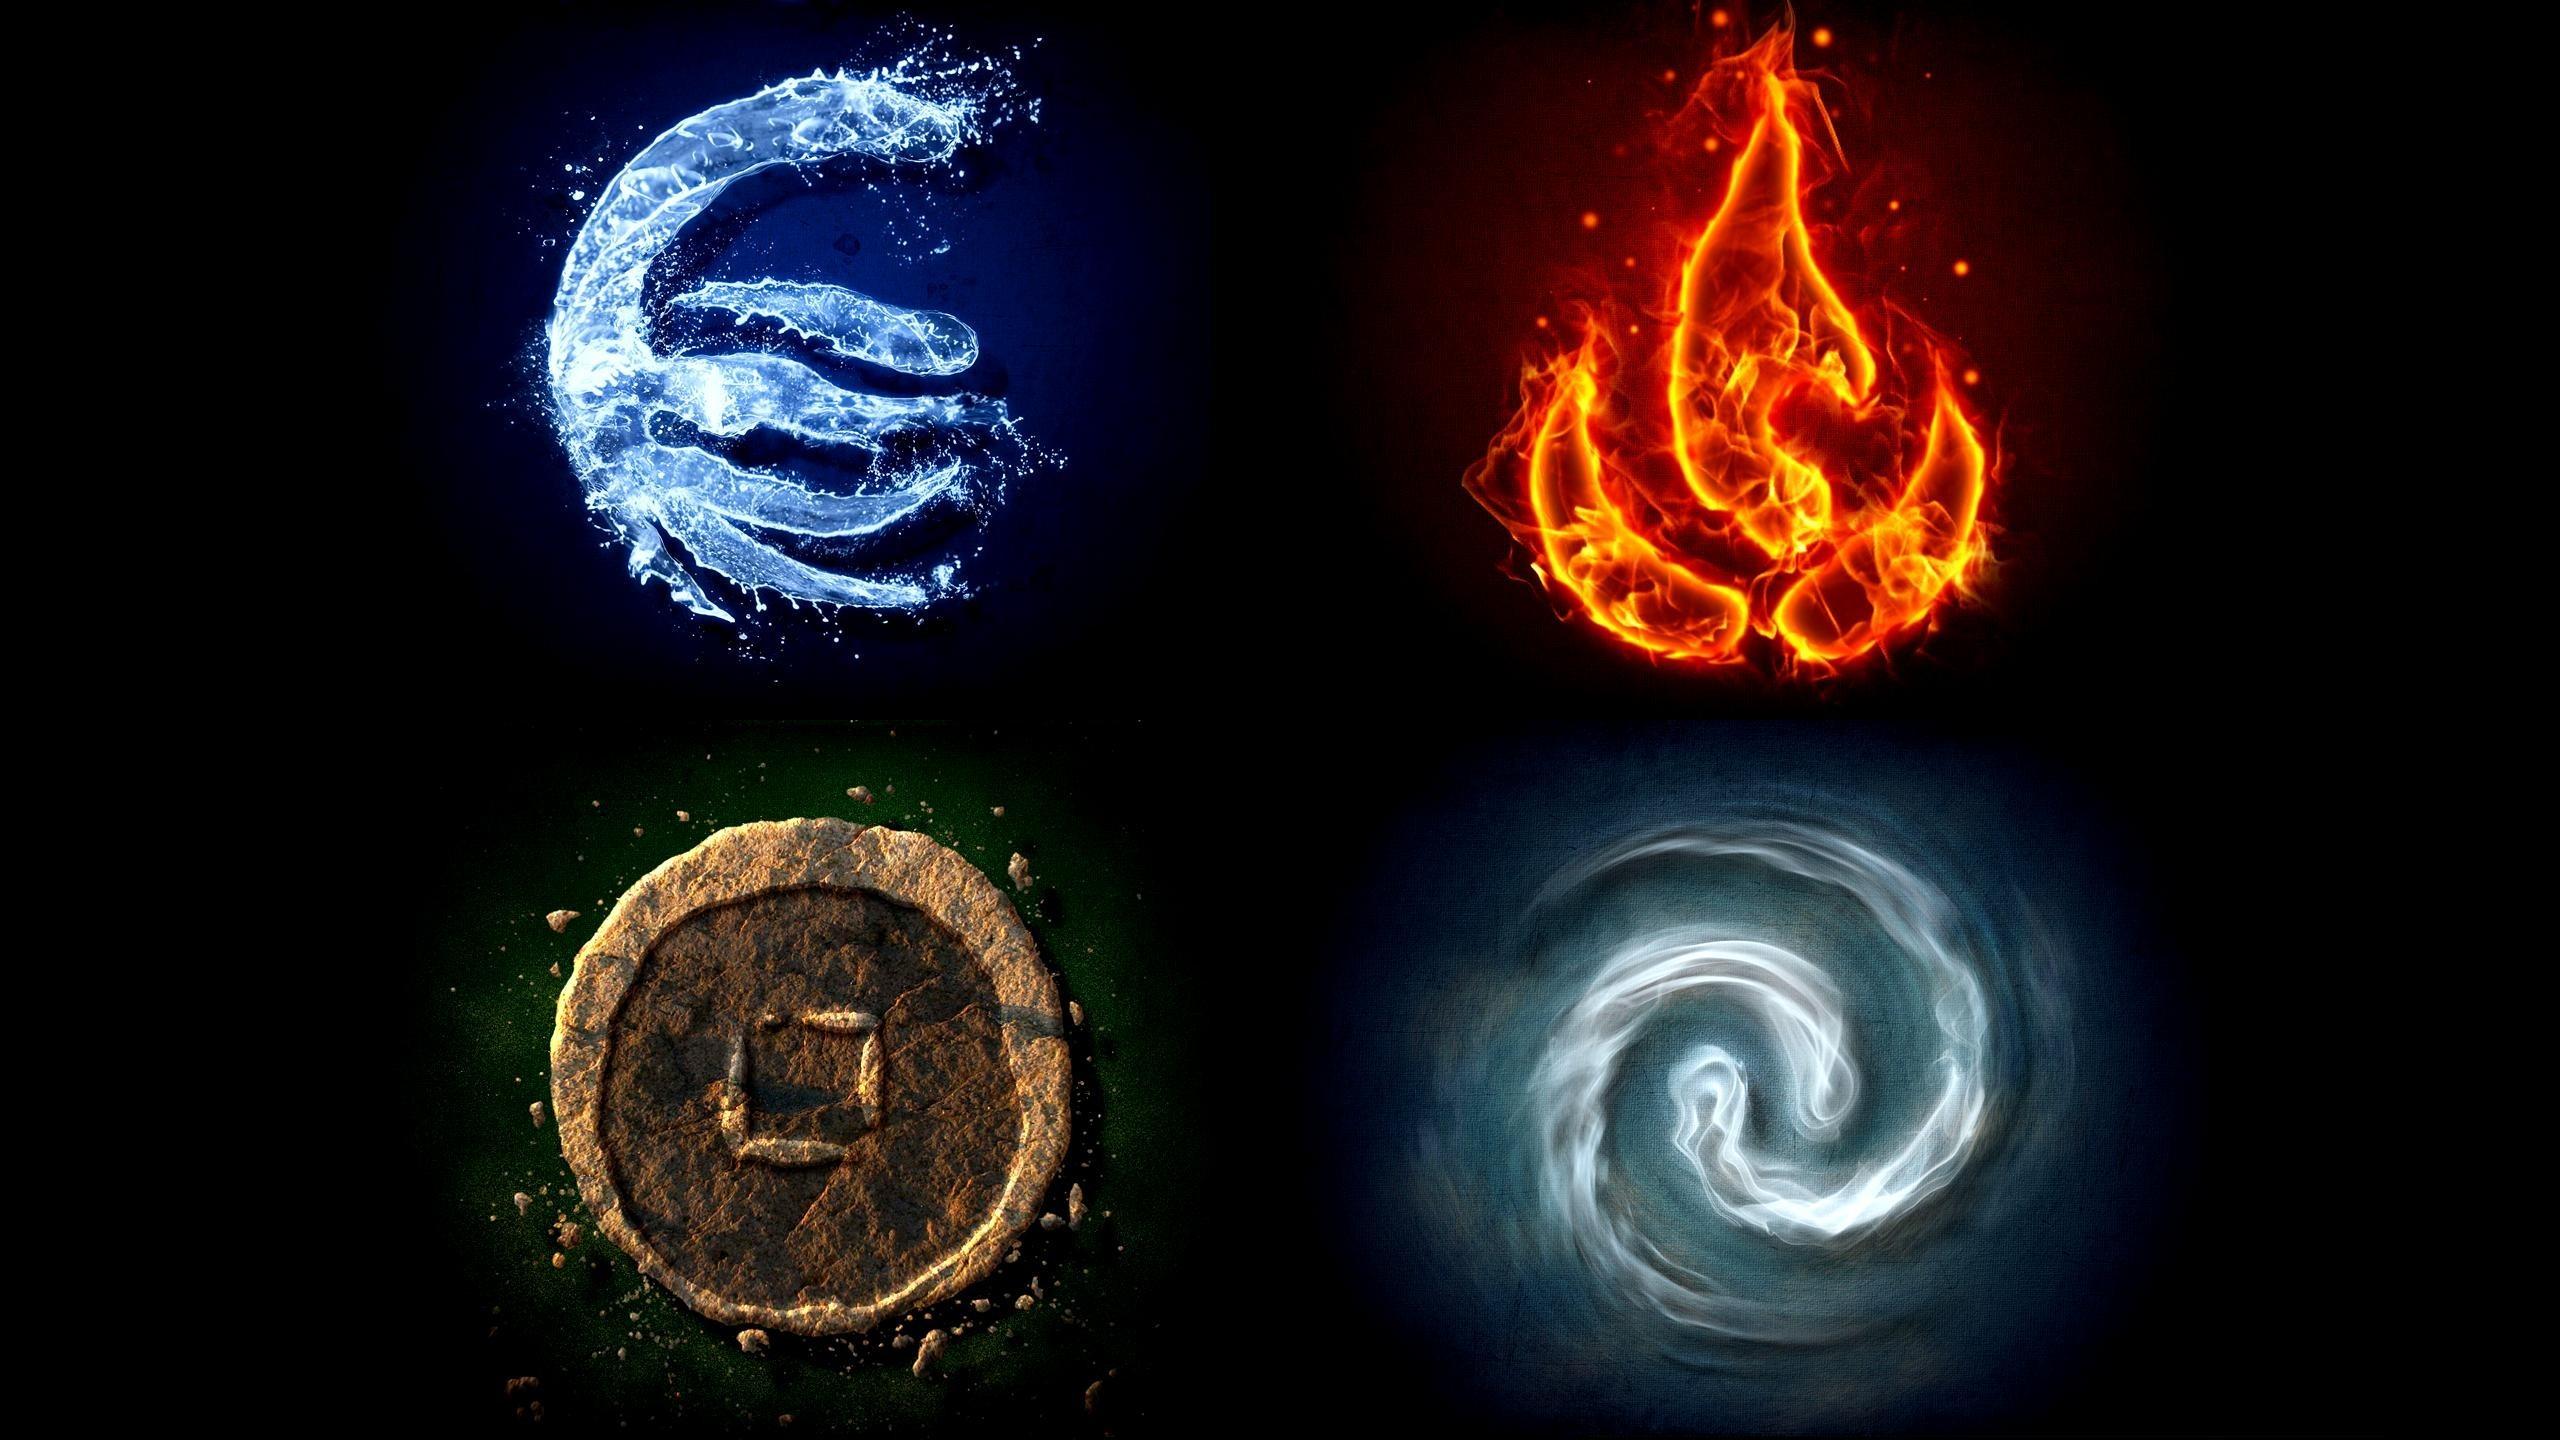 Все стихии и их знаки картинки